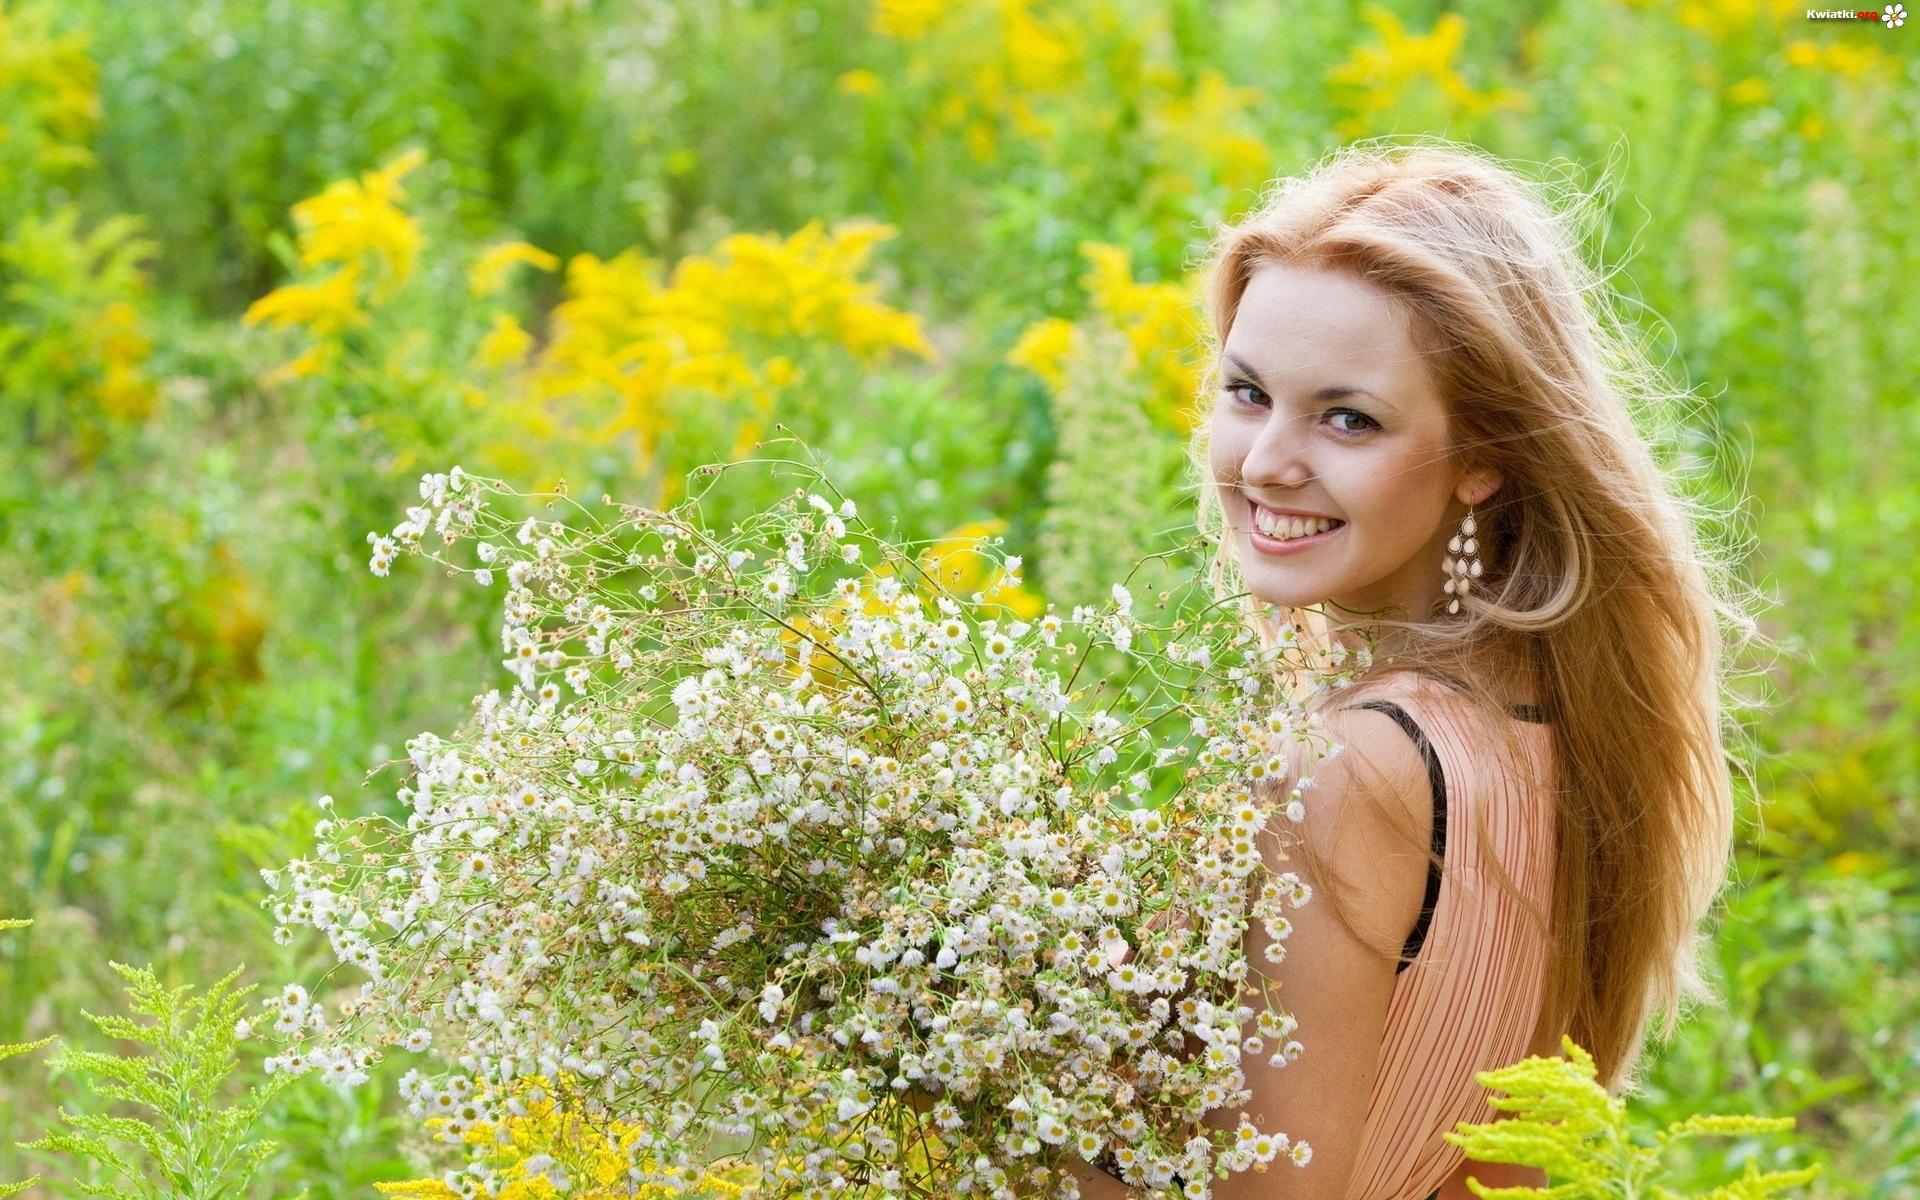 http://www.kwiatki.org/kwiaty/usmiechnieta-aka-blondynka-kwiaty.jpeg